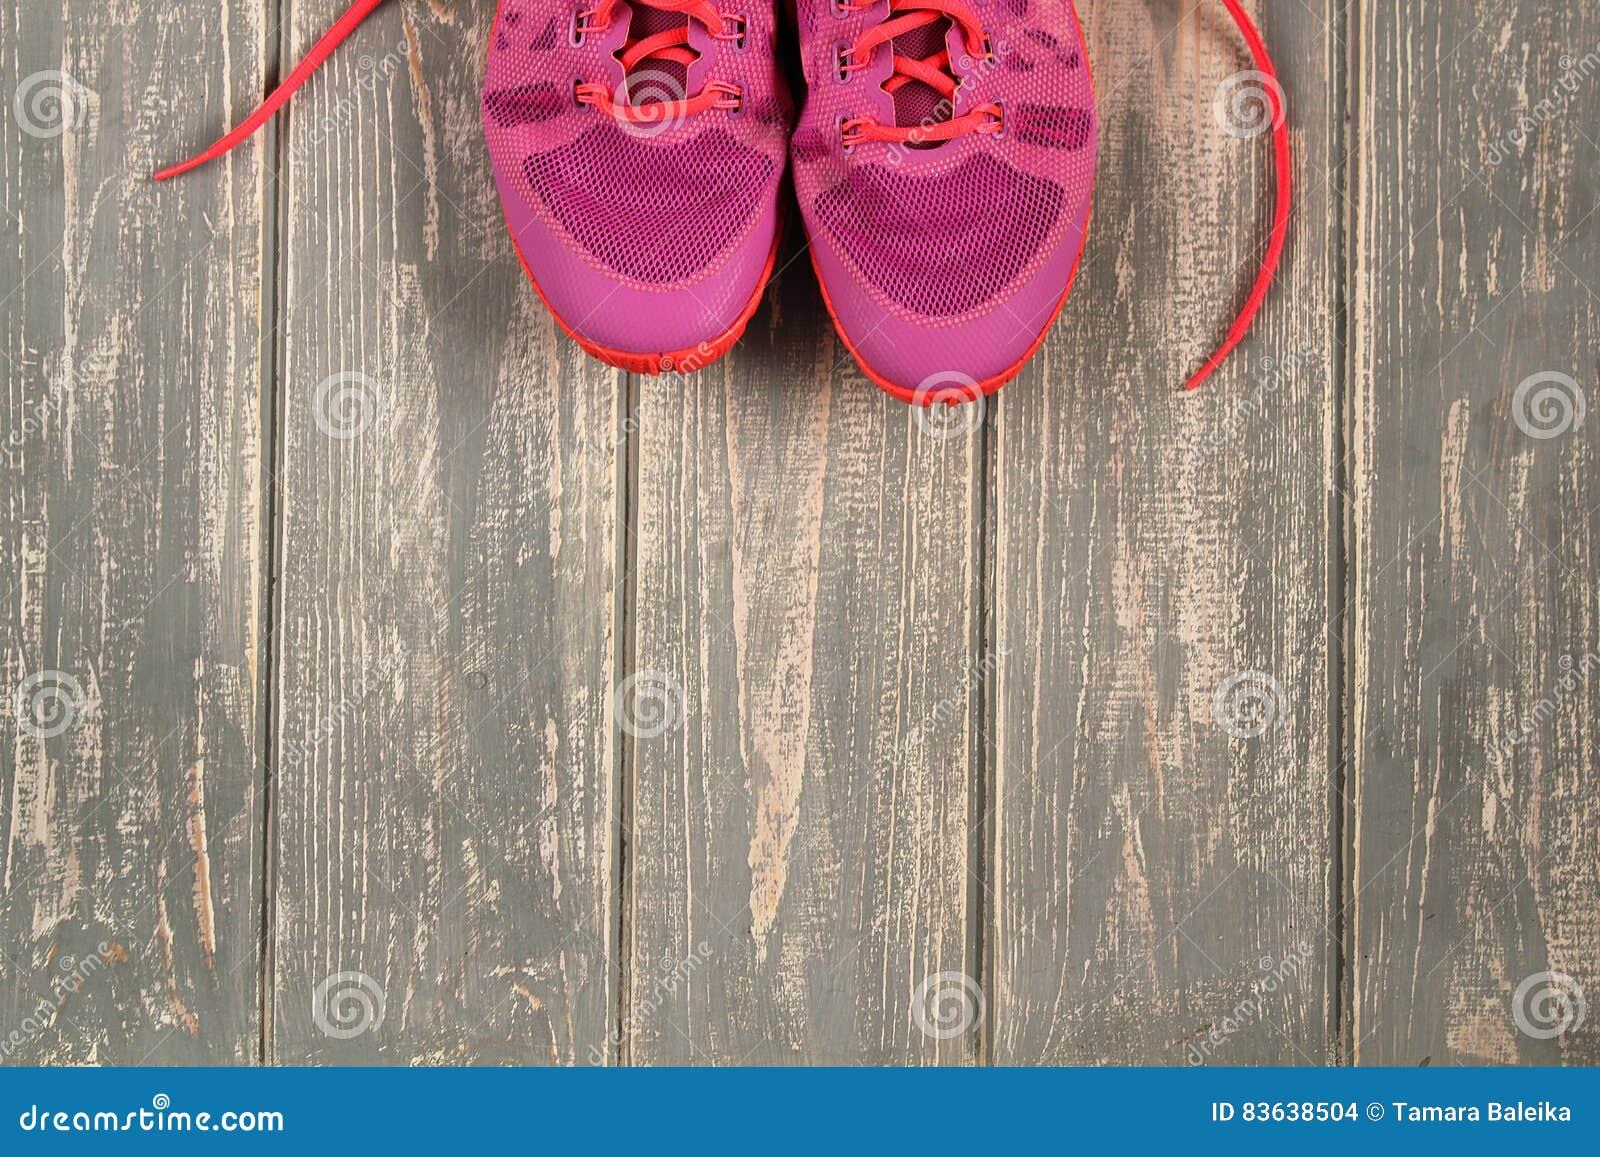 Trainers on wood floor.